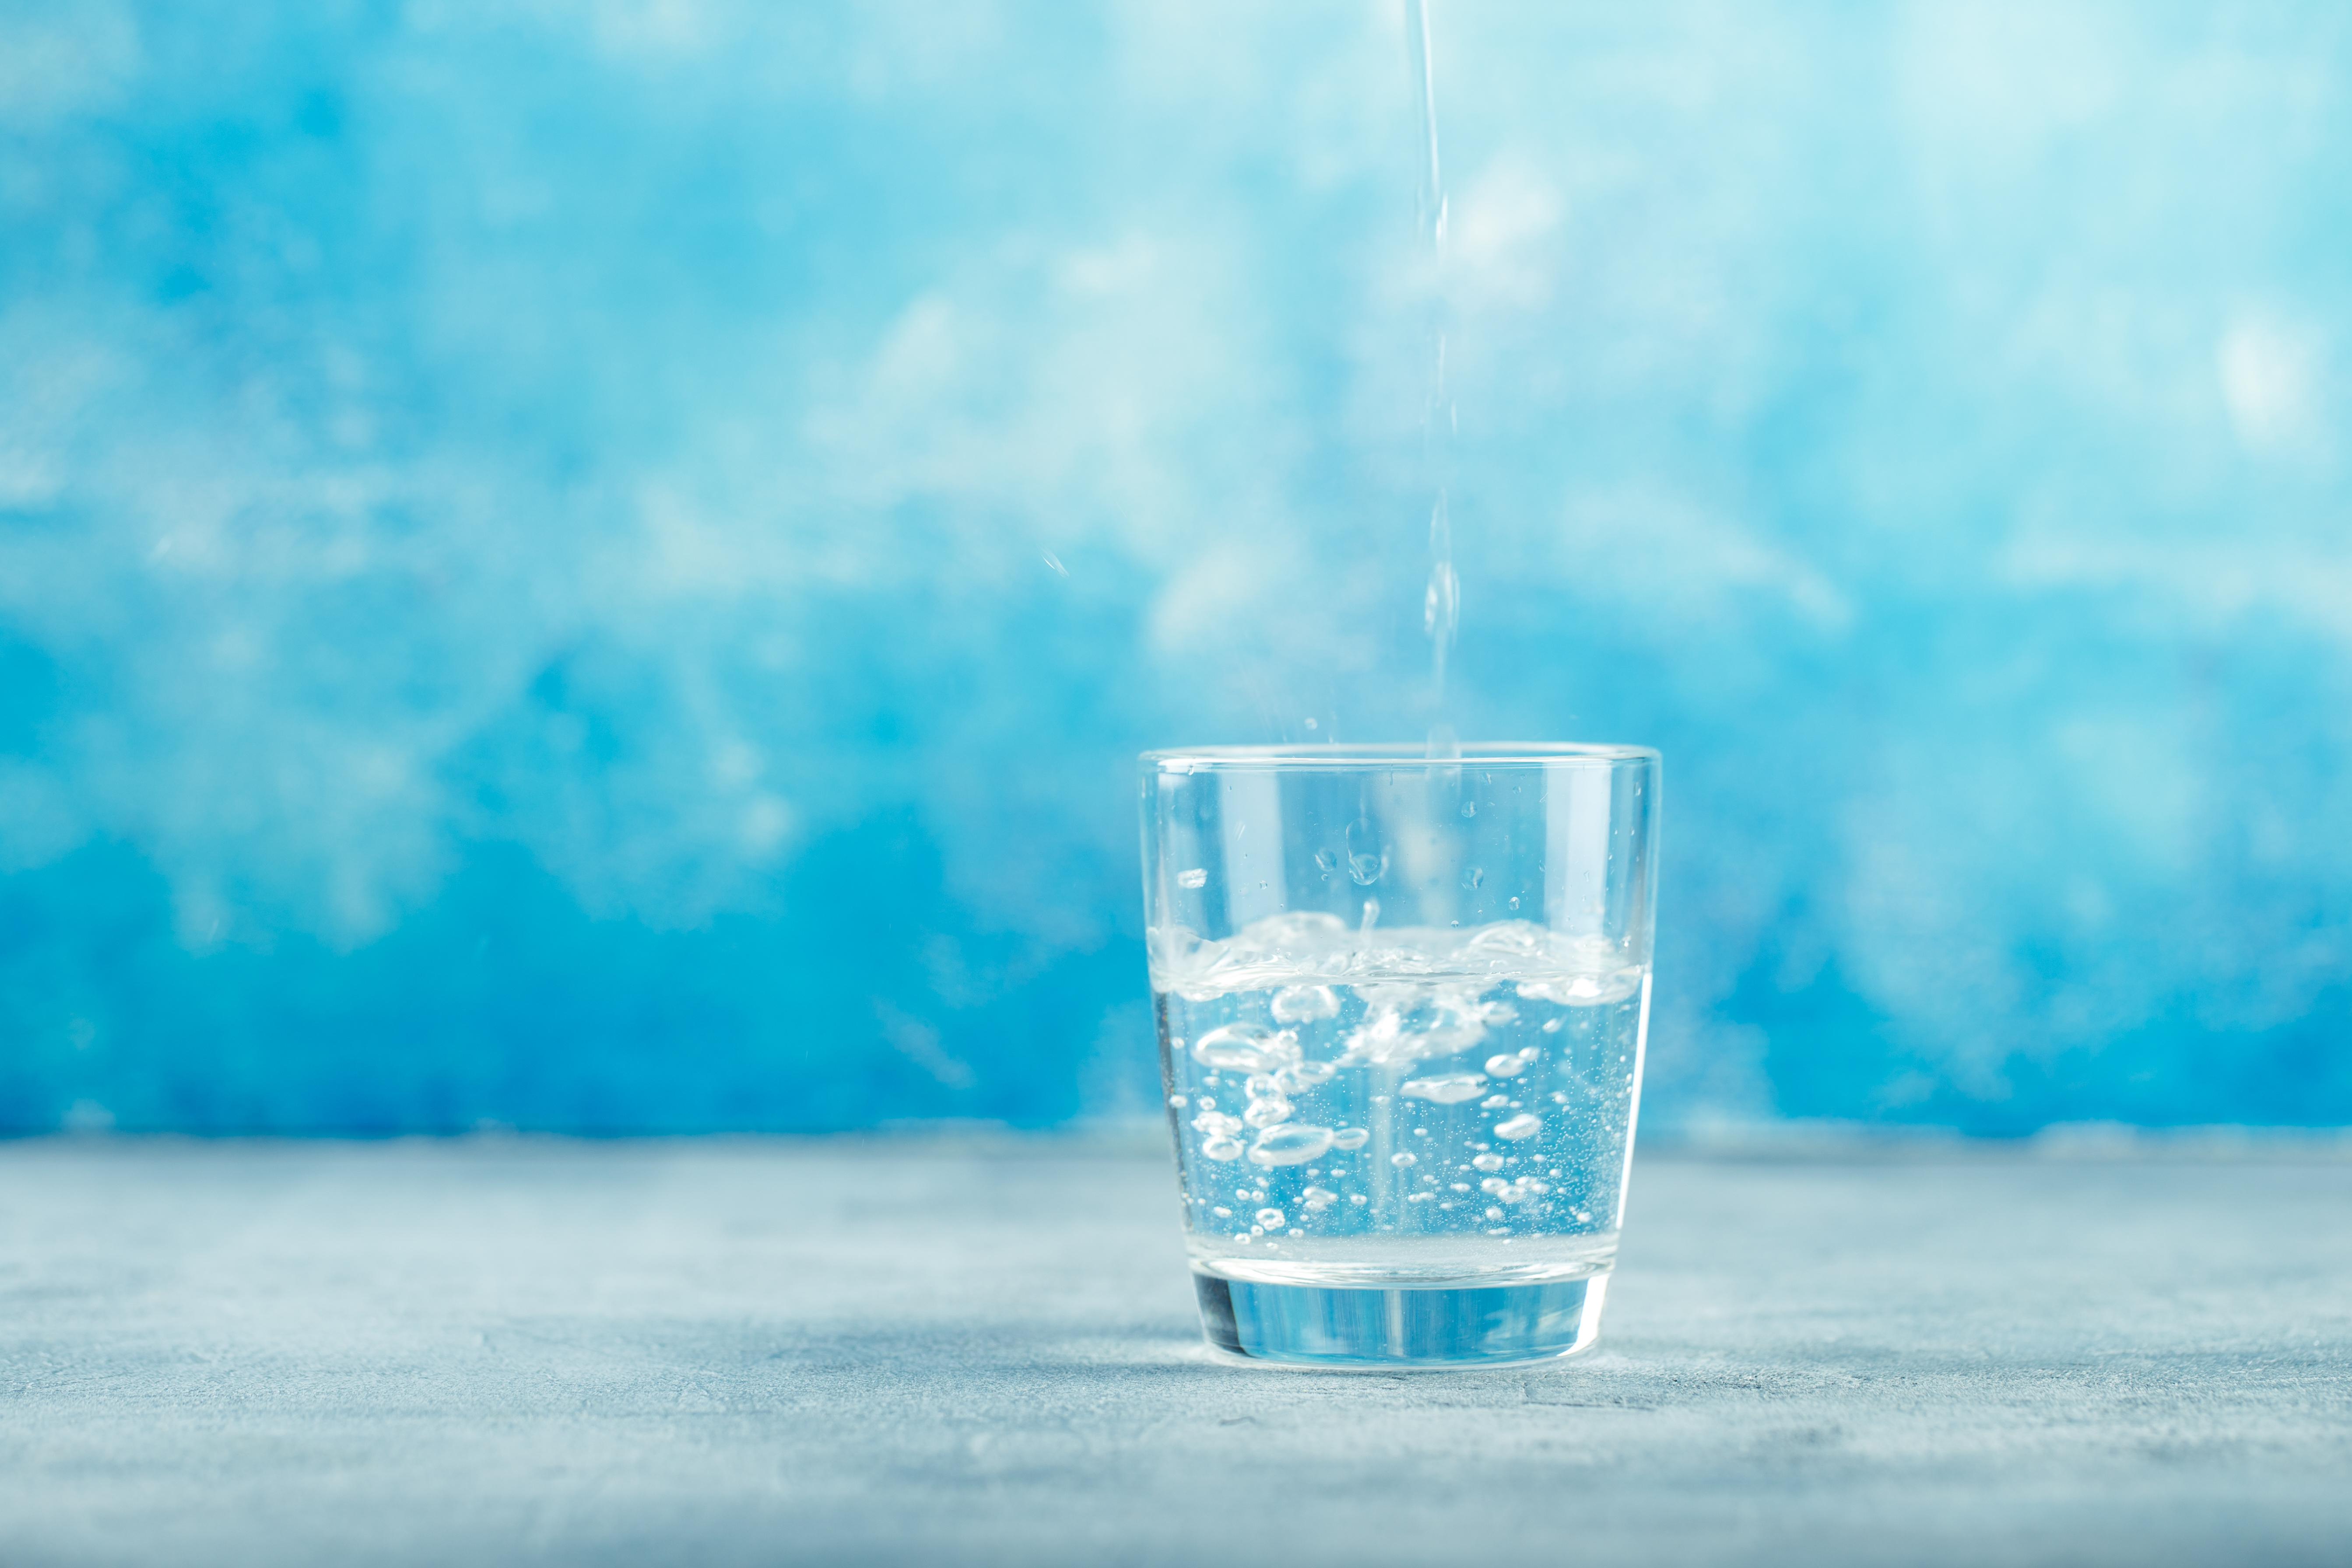 AVISO sobre la moderación del uso de agua potable en Huertas Bajas.